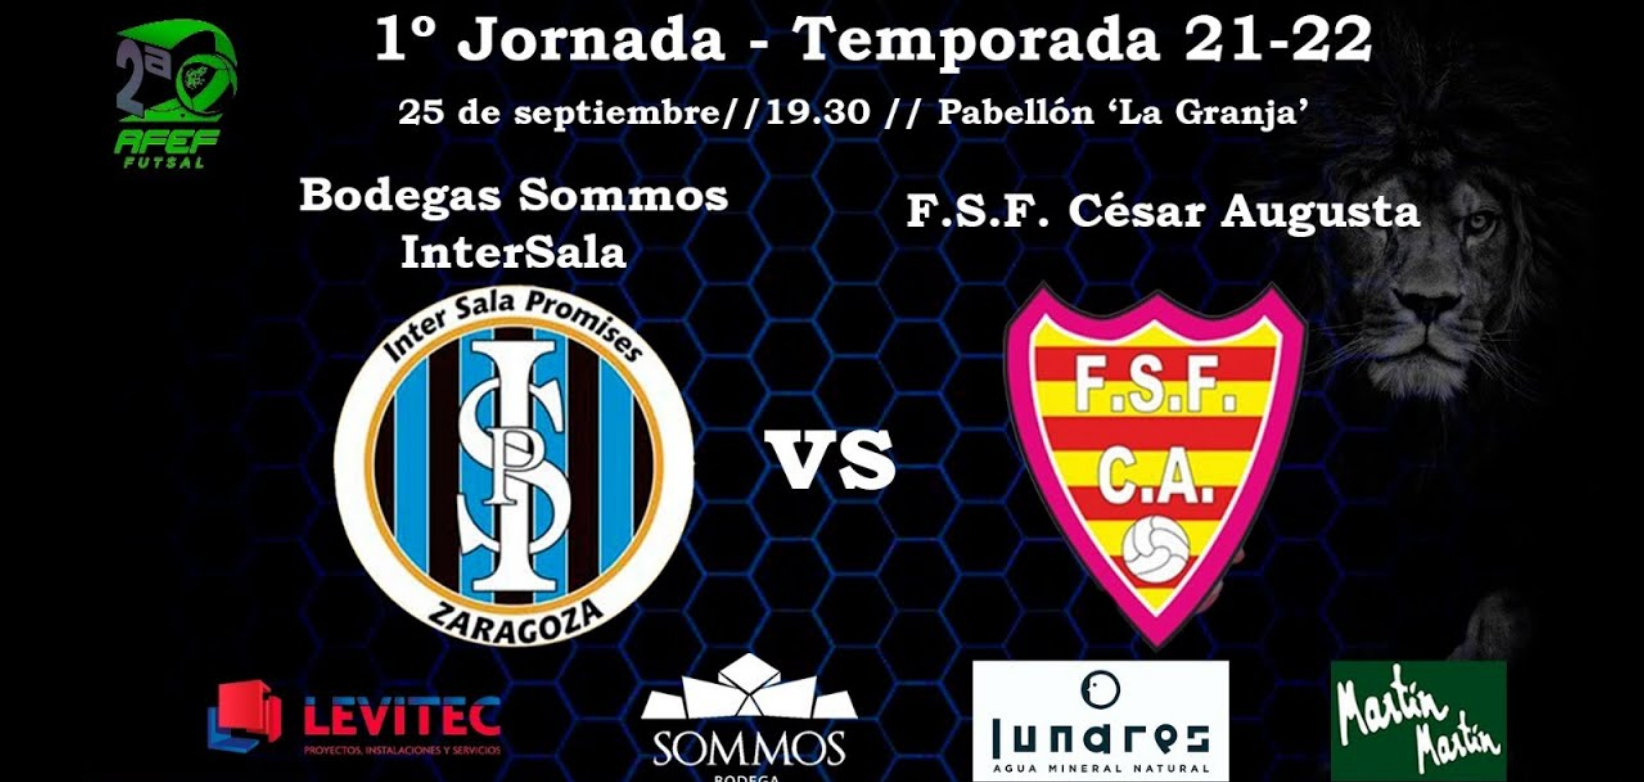 Emisión del Partido: Bodegas Sommo Intersala - FS César Agusta. 2ª División. Temporada 2021/2022. Jornada 1ª. Grupo 2º